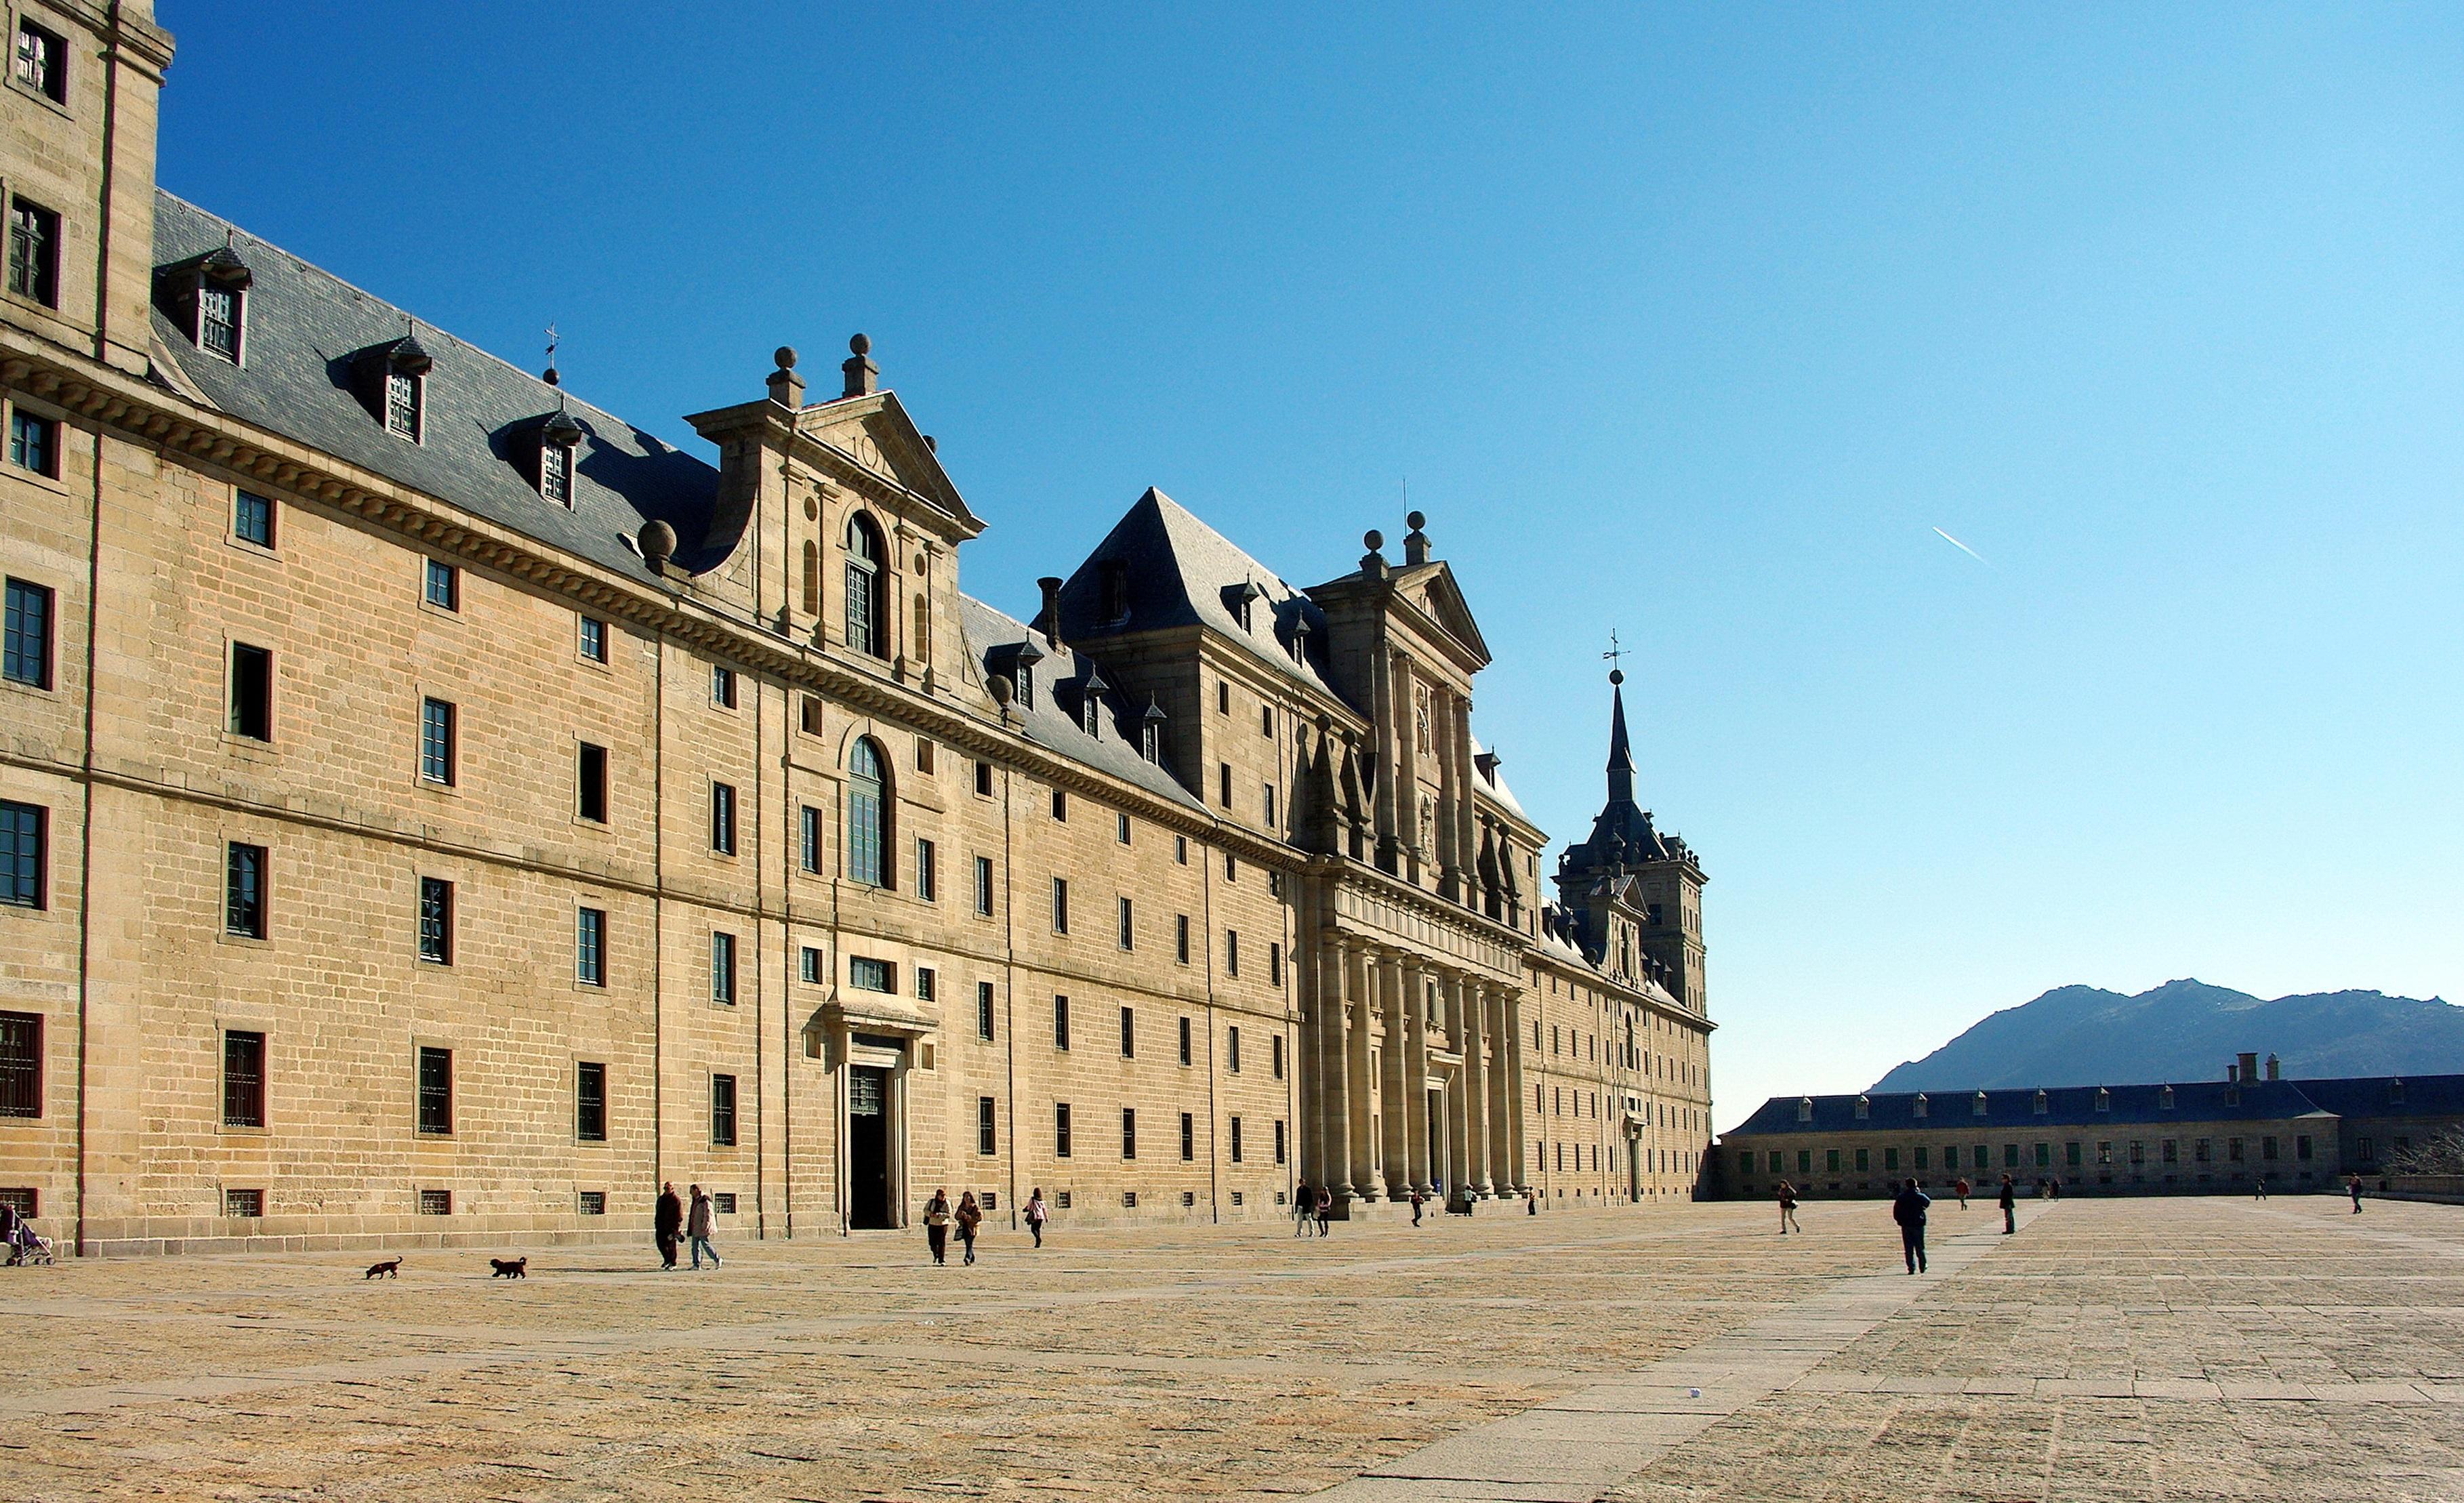 Mosteiro el escorial 2